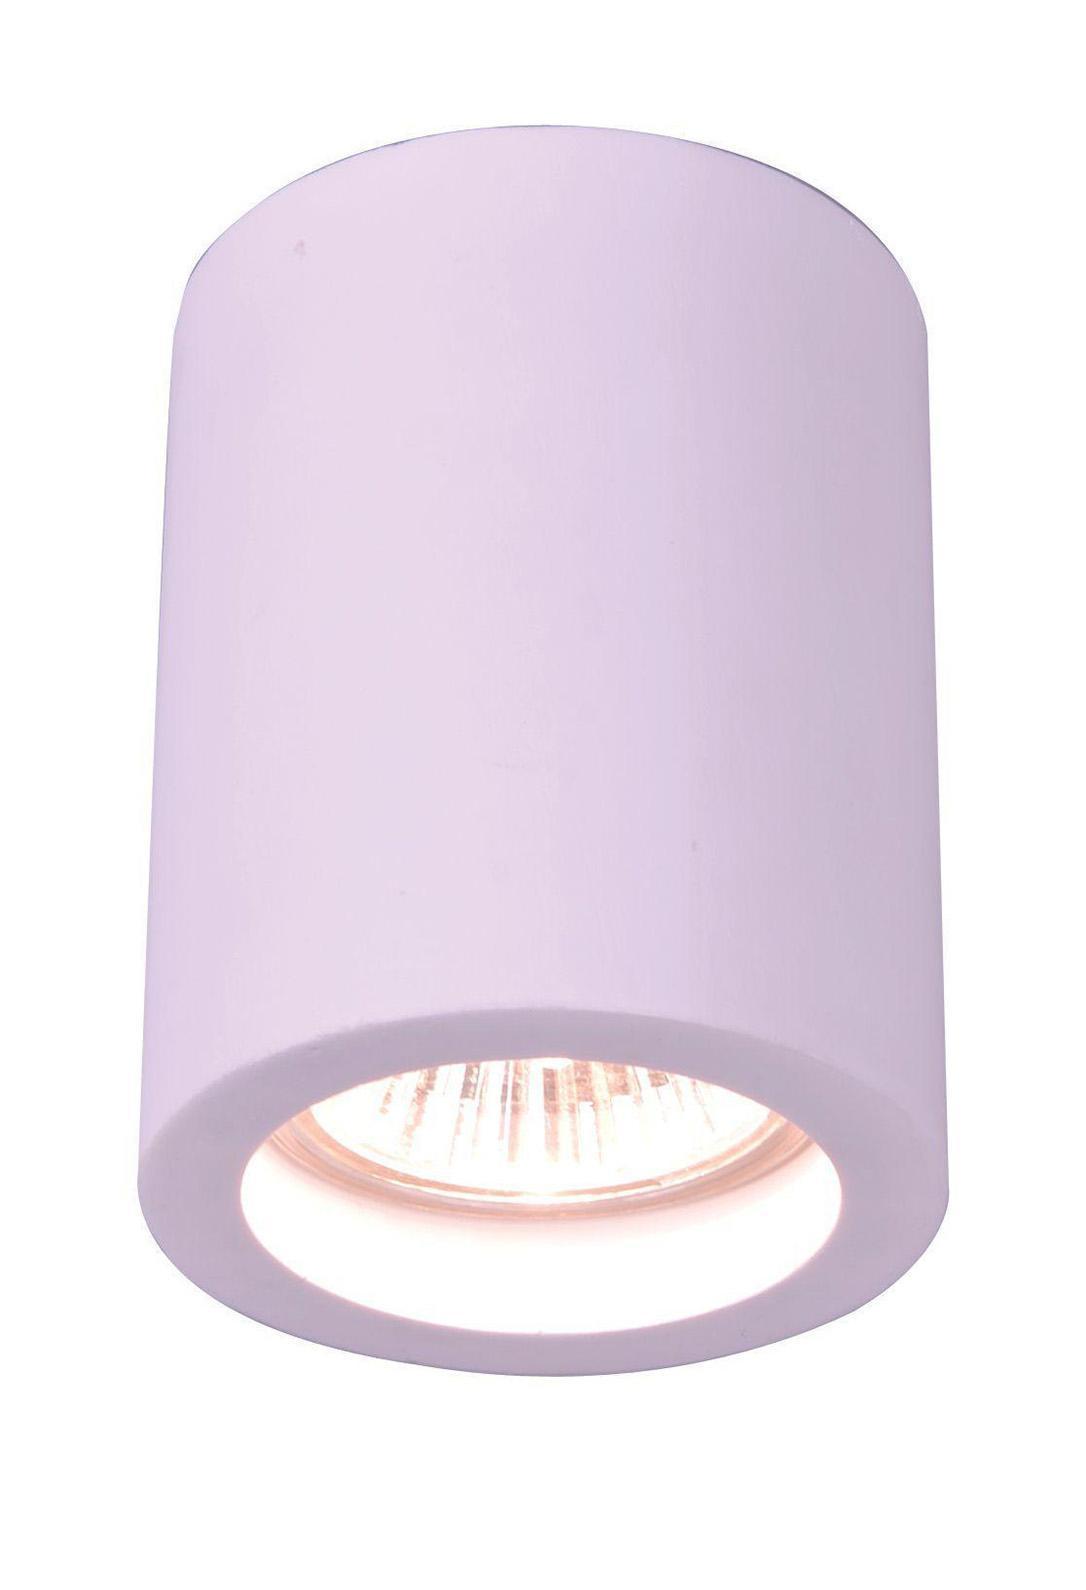 Светильник встраиваемый Arte lamp A9260pl-1wh встраиваемый светильник arte lamp cielo a7314pl 1wh